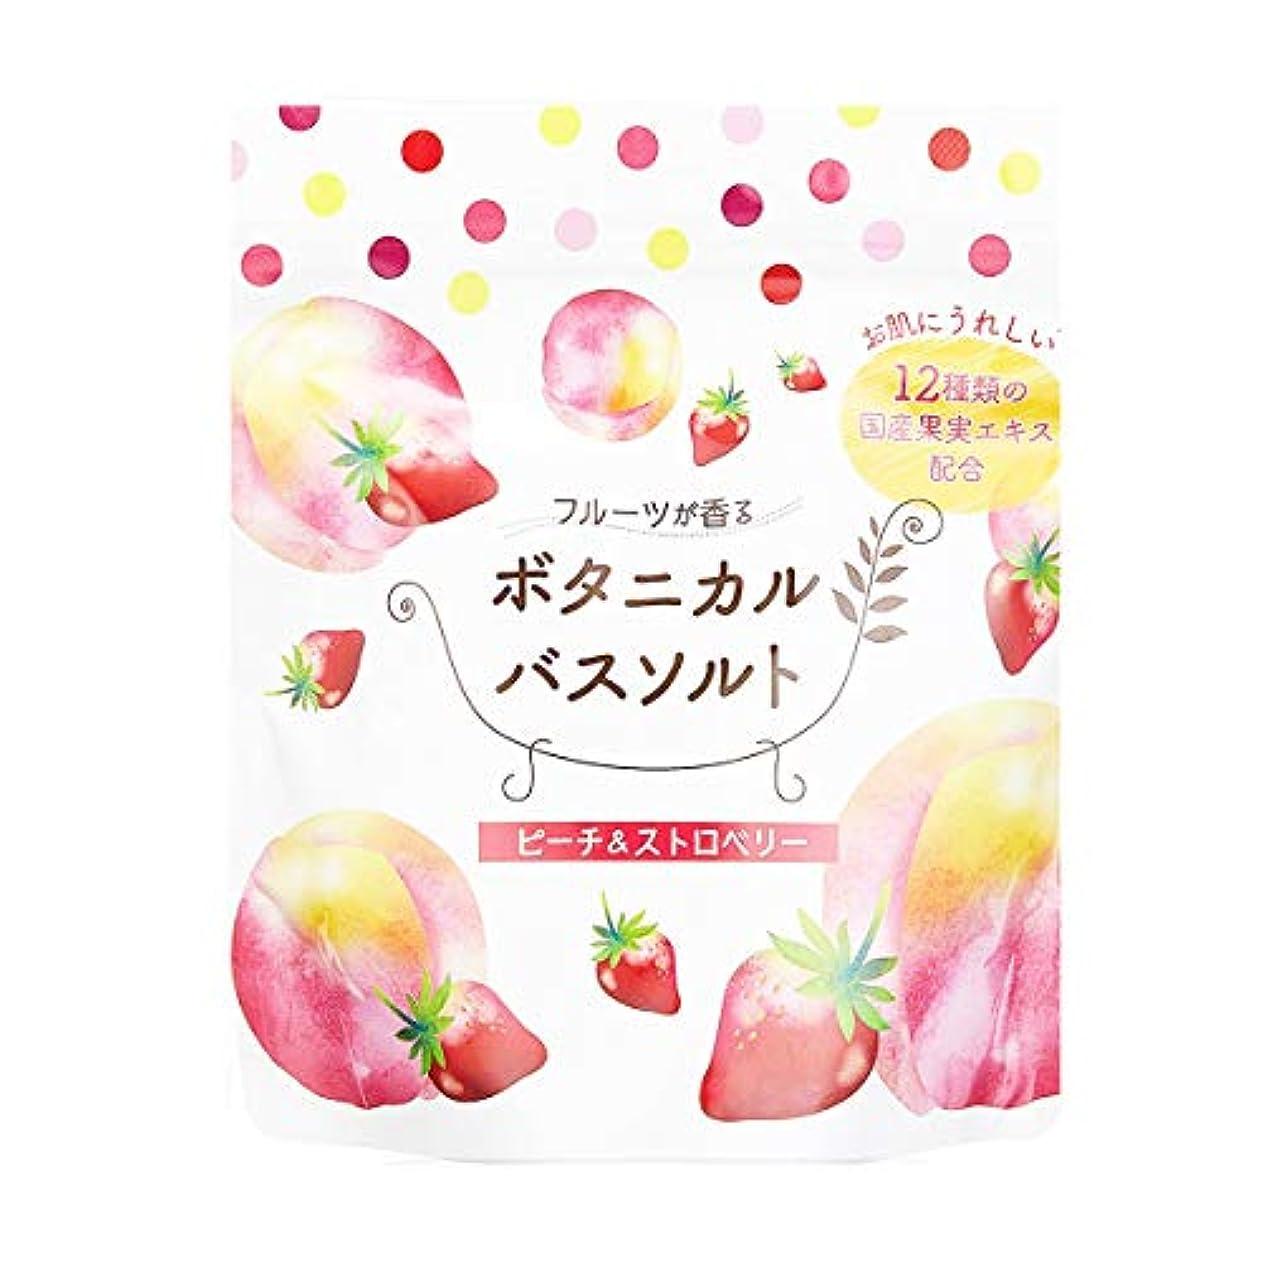 堀思いやりのあるうがい薬松田医薬品 フルーツが香るボタニカルバスソルト ピーチ&ストロベリー 30g